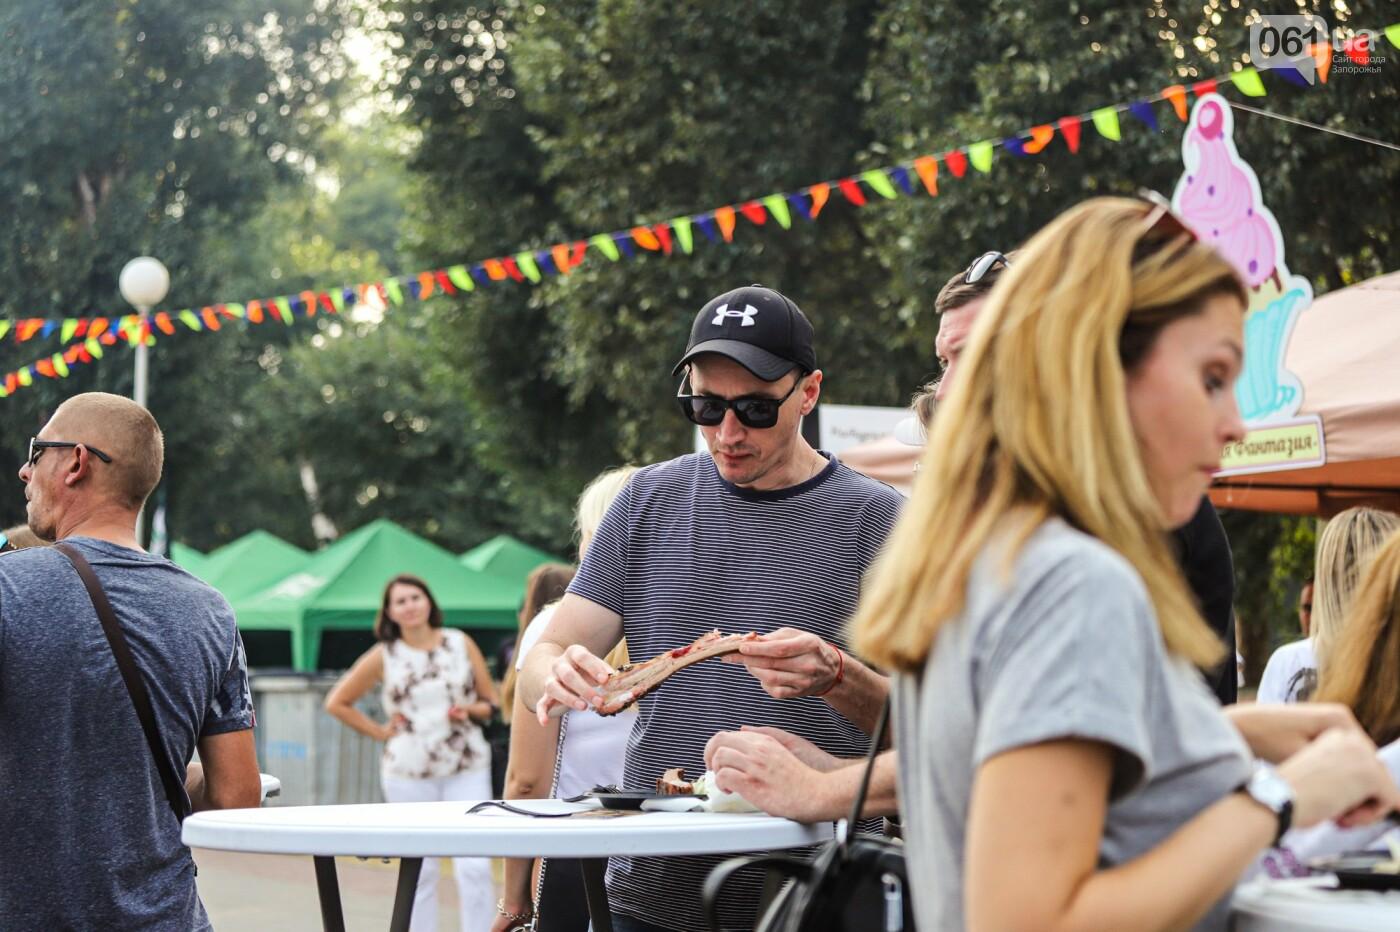 Бограч в хлебных горшочках и мясо из уникальной печи: что нового на фестивале уличной еды в Запорожье, - ФОТОРЕПОРТАЖ, фото-53